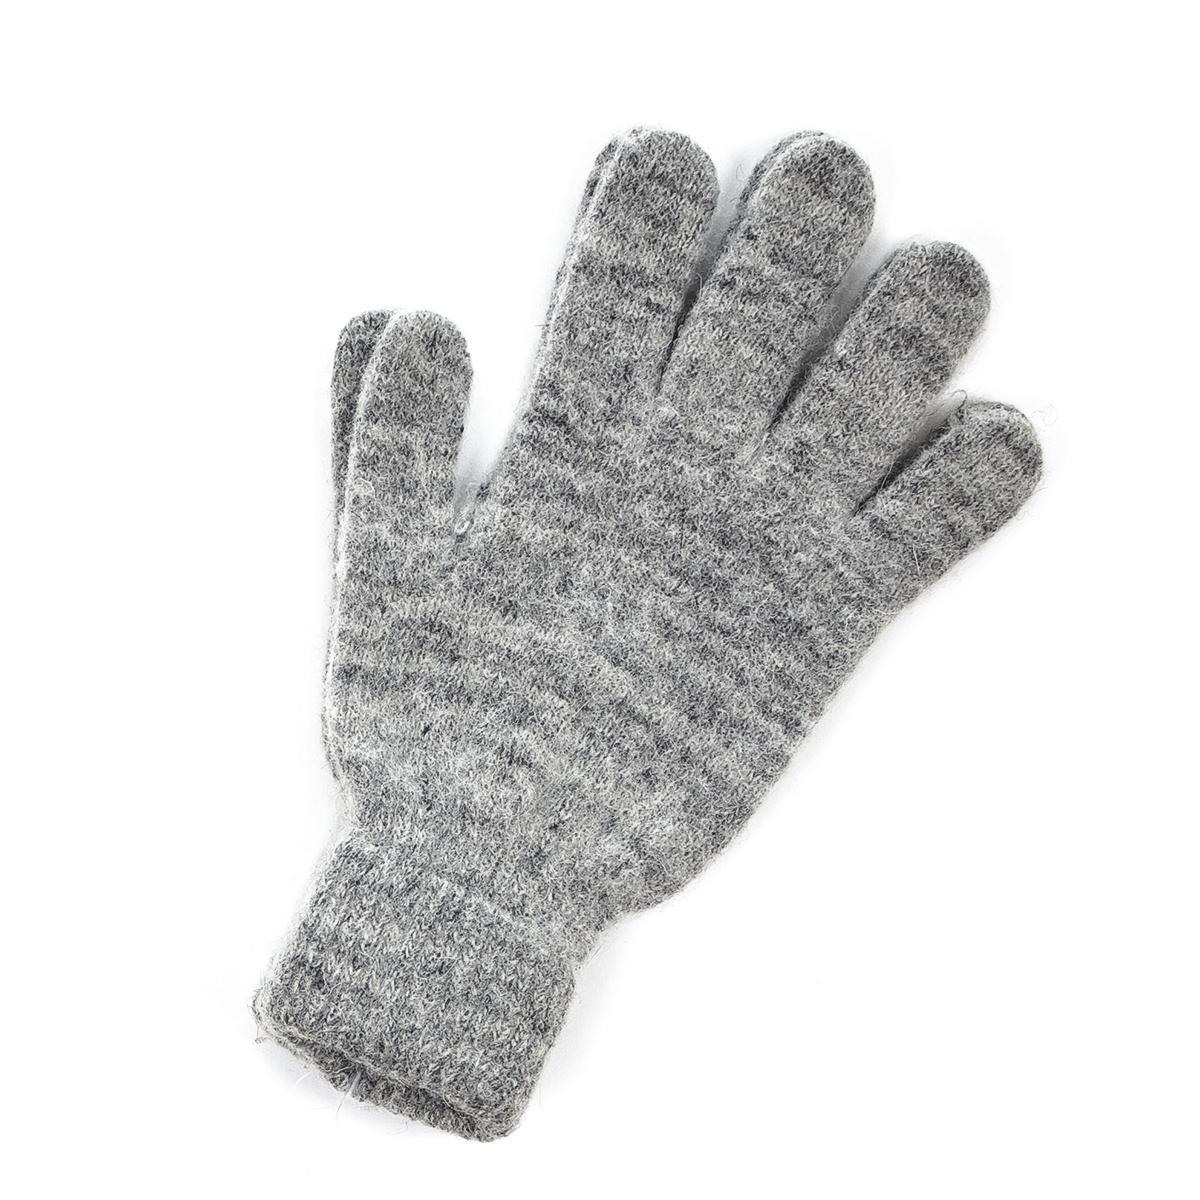 Перчатки Шерстяные, цвет ЧерныйАксессуары и обувь<br><br><br>Тип: Аксессуары<br>Размер: -<br>Материал: Овечья шерсть